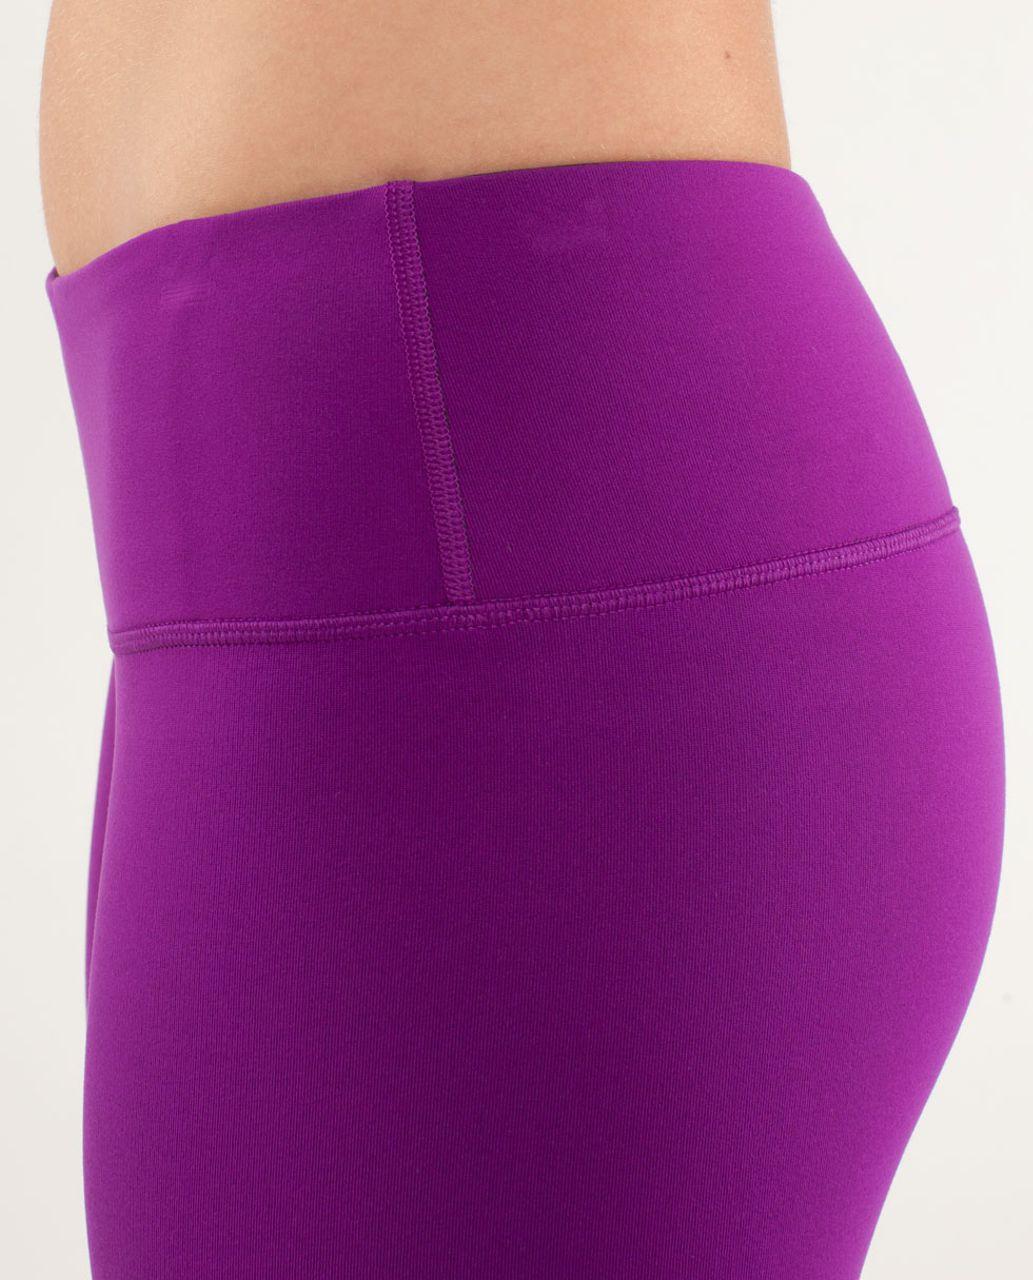 Lululemon Wunder Under Pant *Reversible - Tender Violet / Black